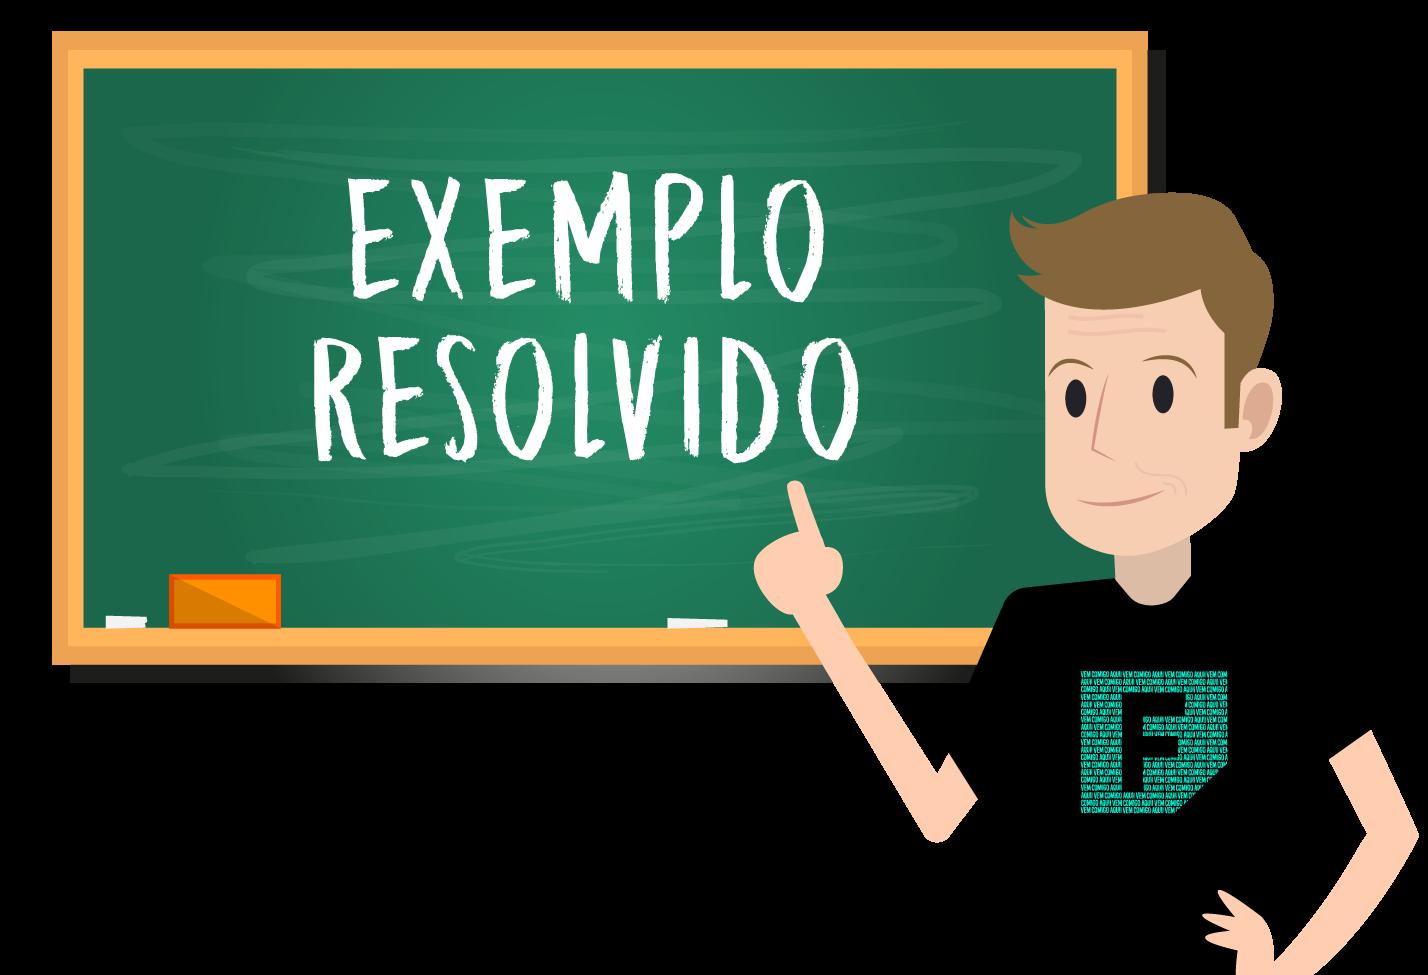 Ferretto aponta para o quadro onde irá resolver uma série de equações exponenciais